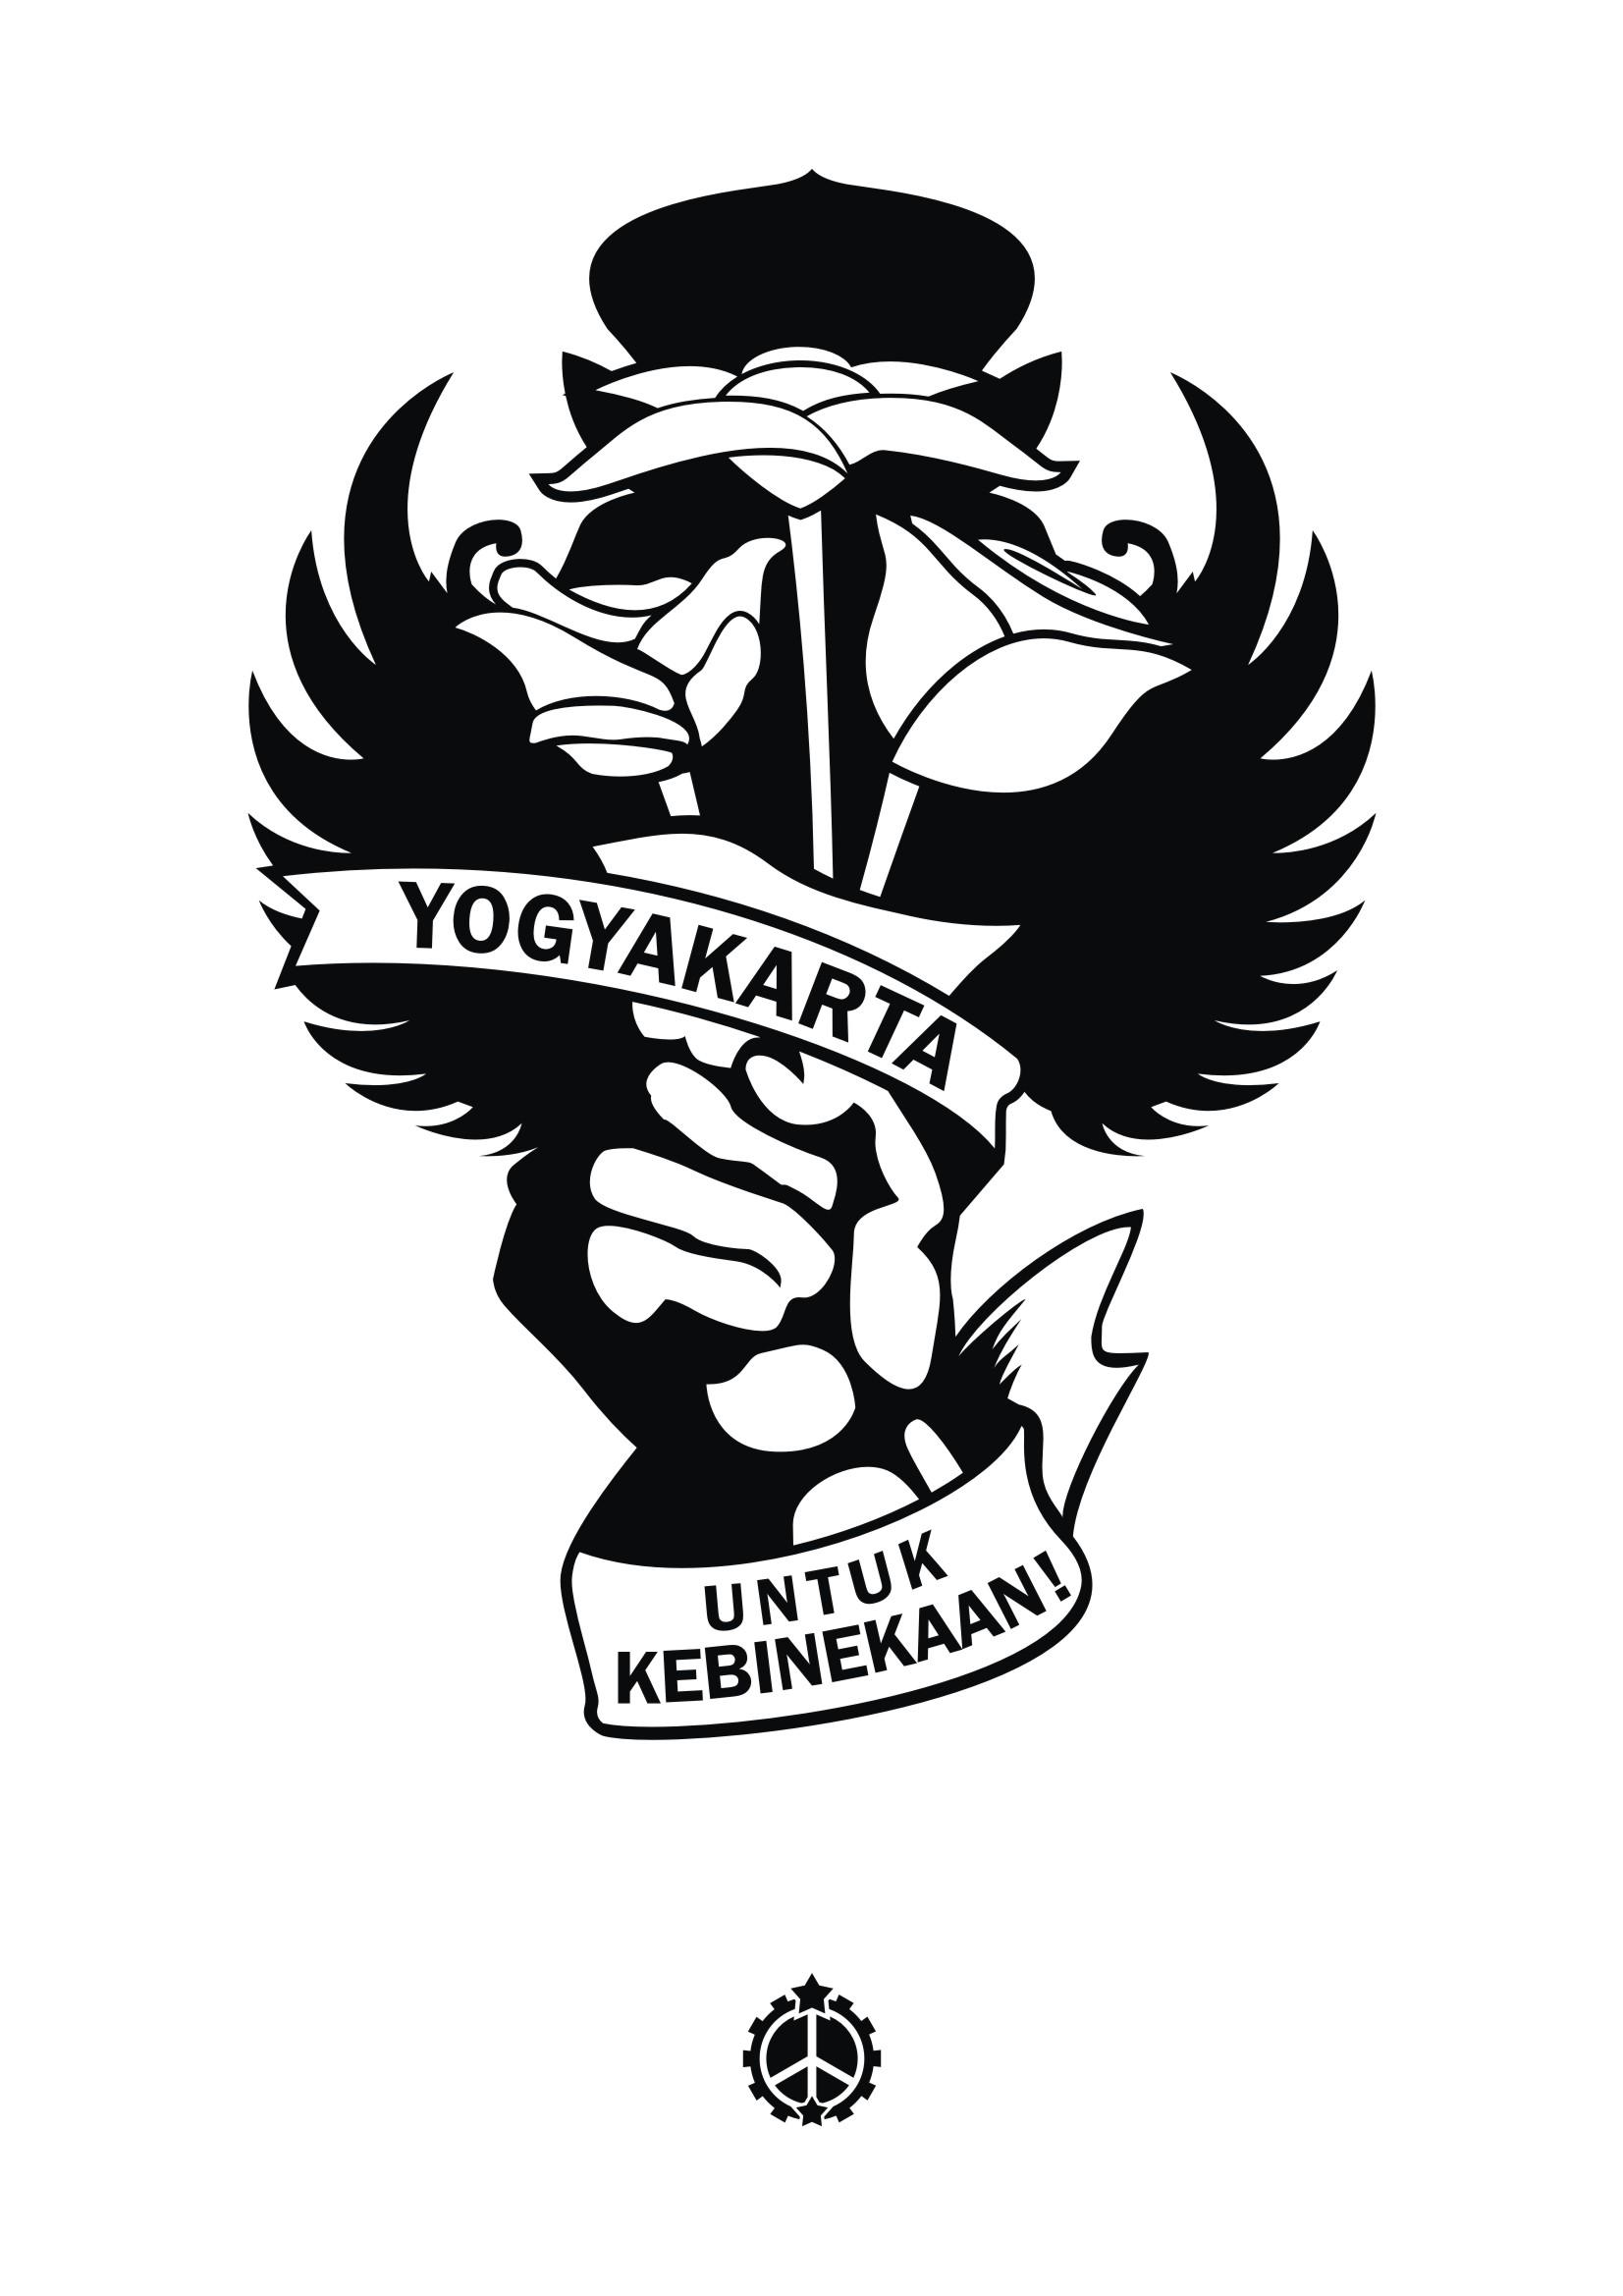 Yogyakarta Untuk Kebinekaan Logo